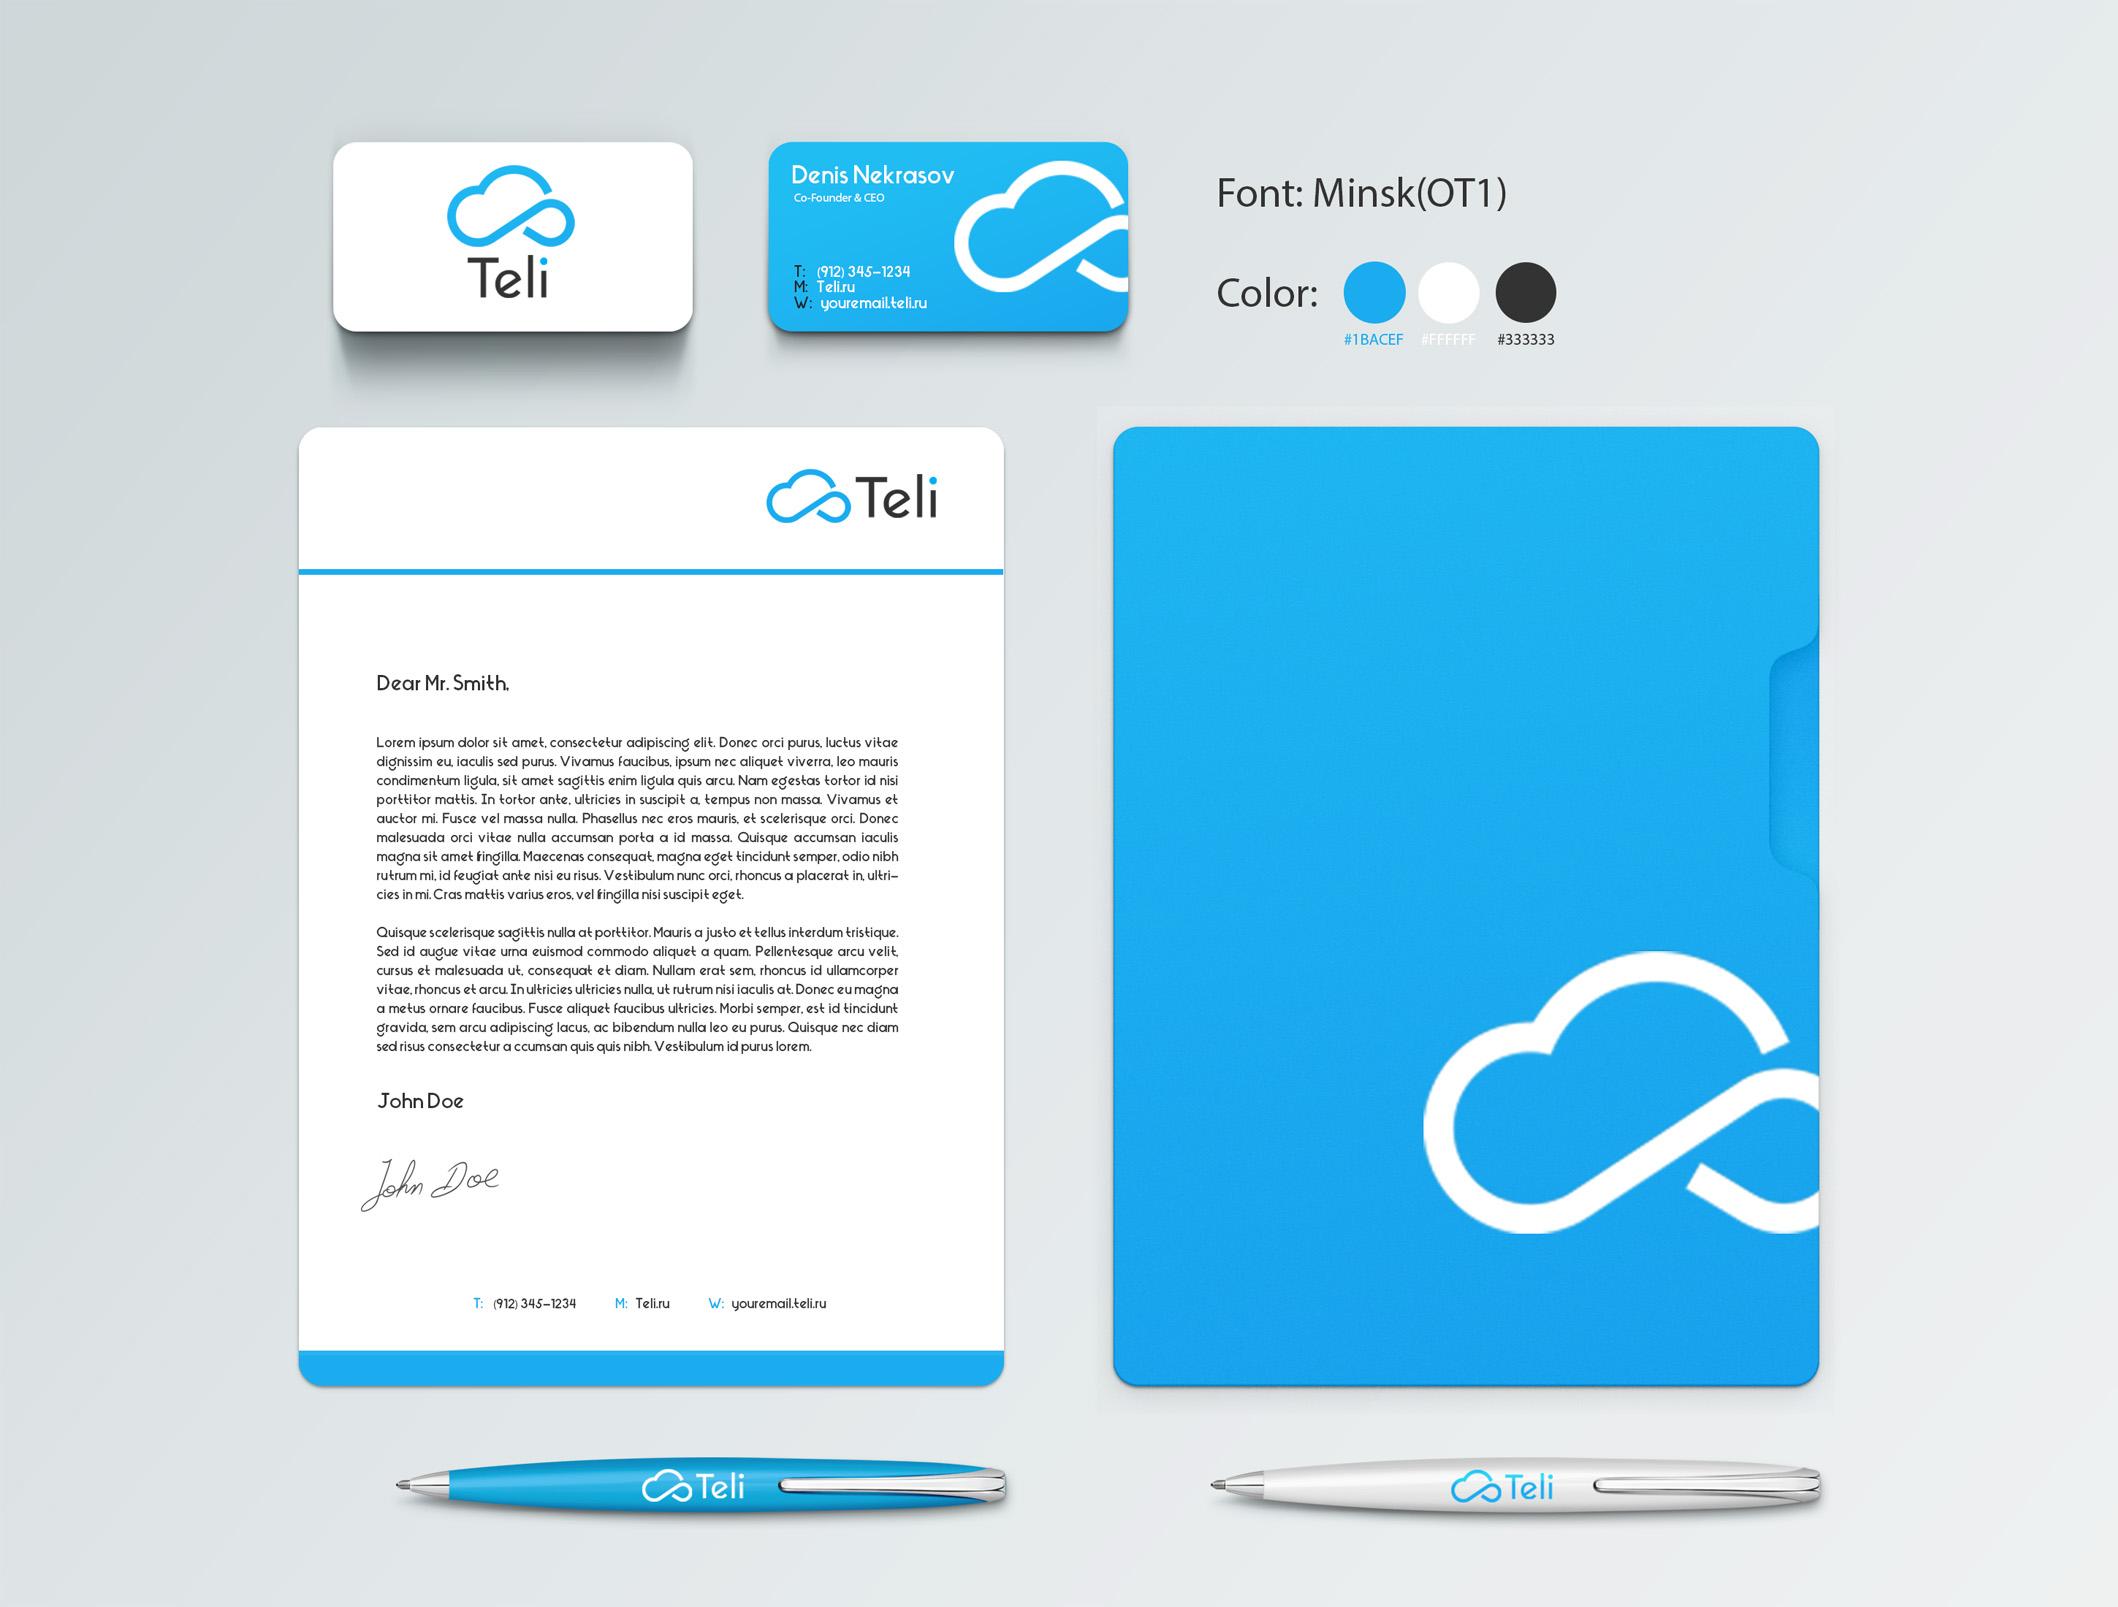 Разработка логотипа и фирменного стиля фото f_25658fff4b3e0d8a.jpg